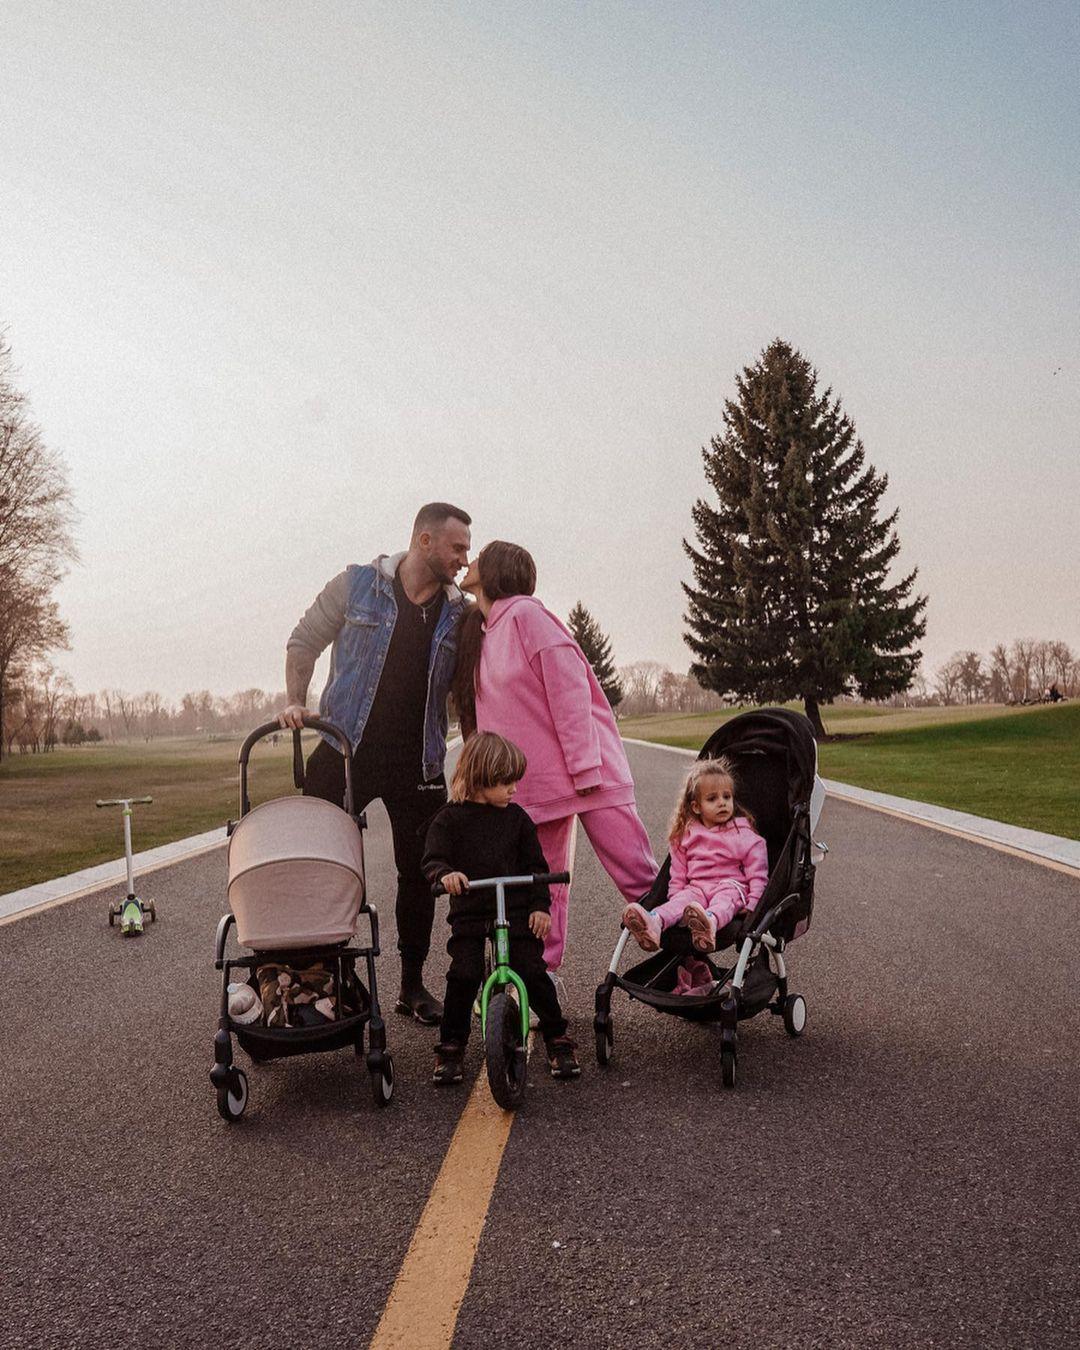 Дмитрий и София Стужук с детьми на дороге